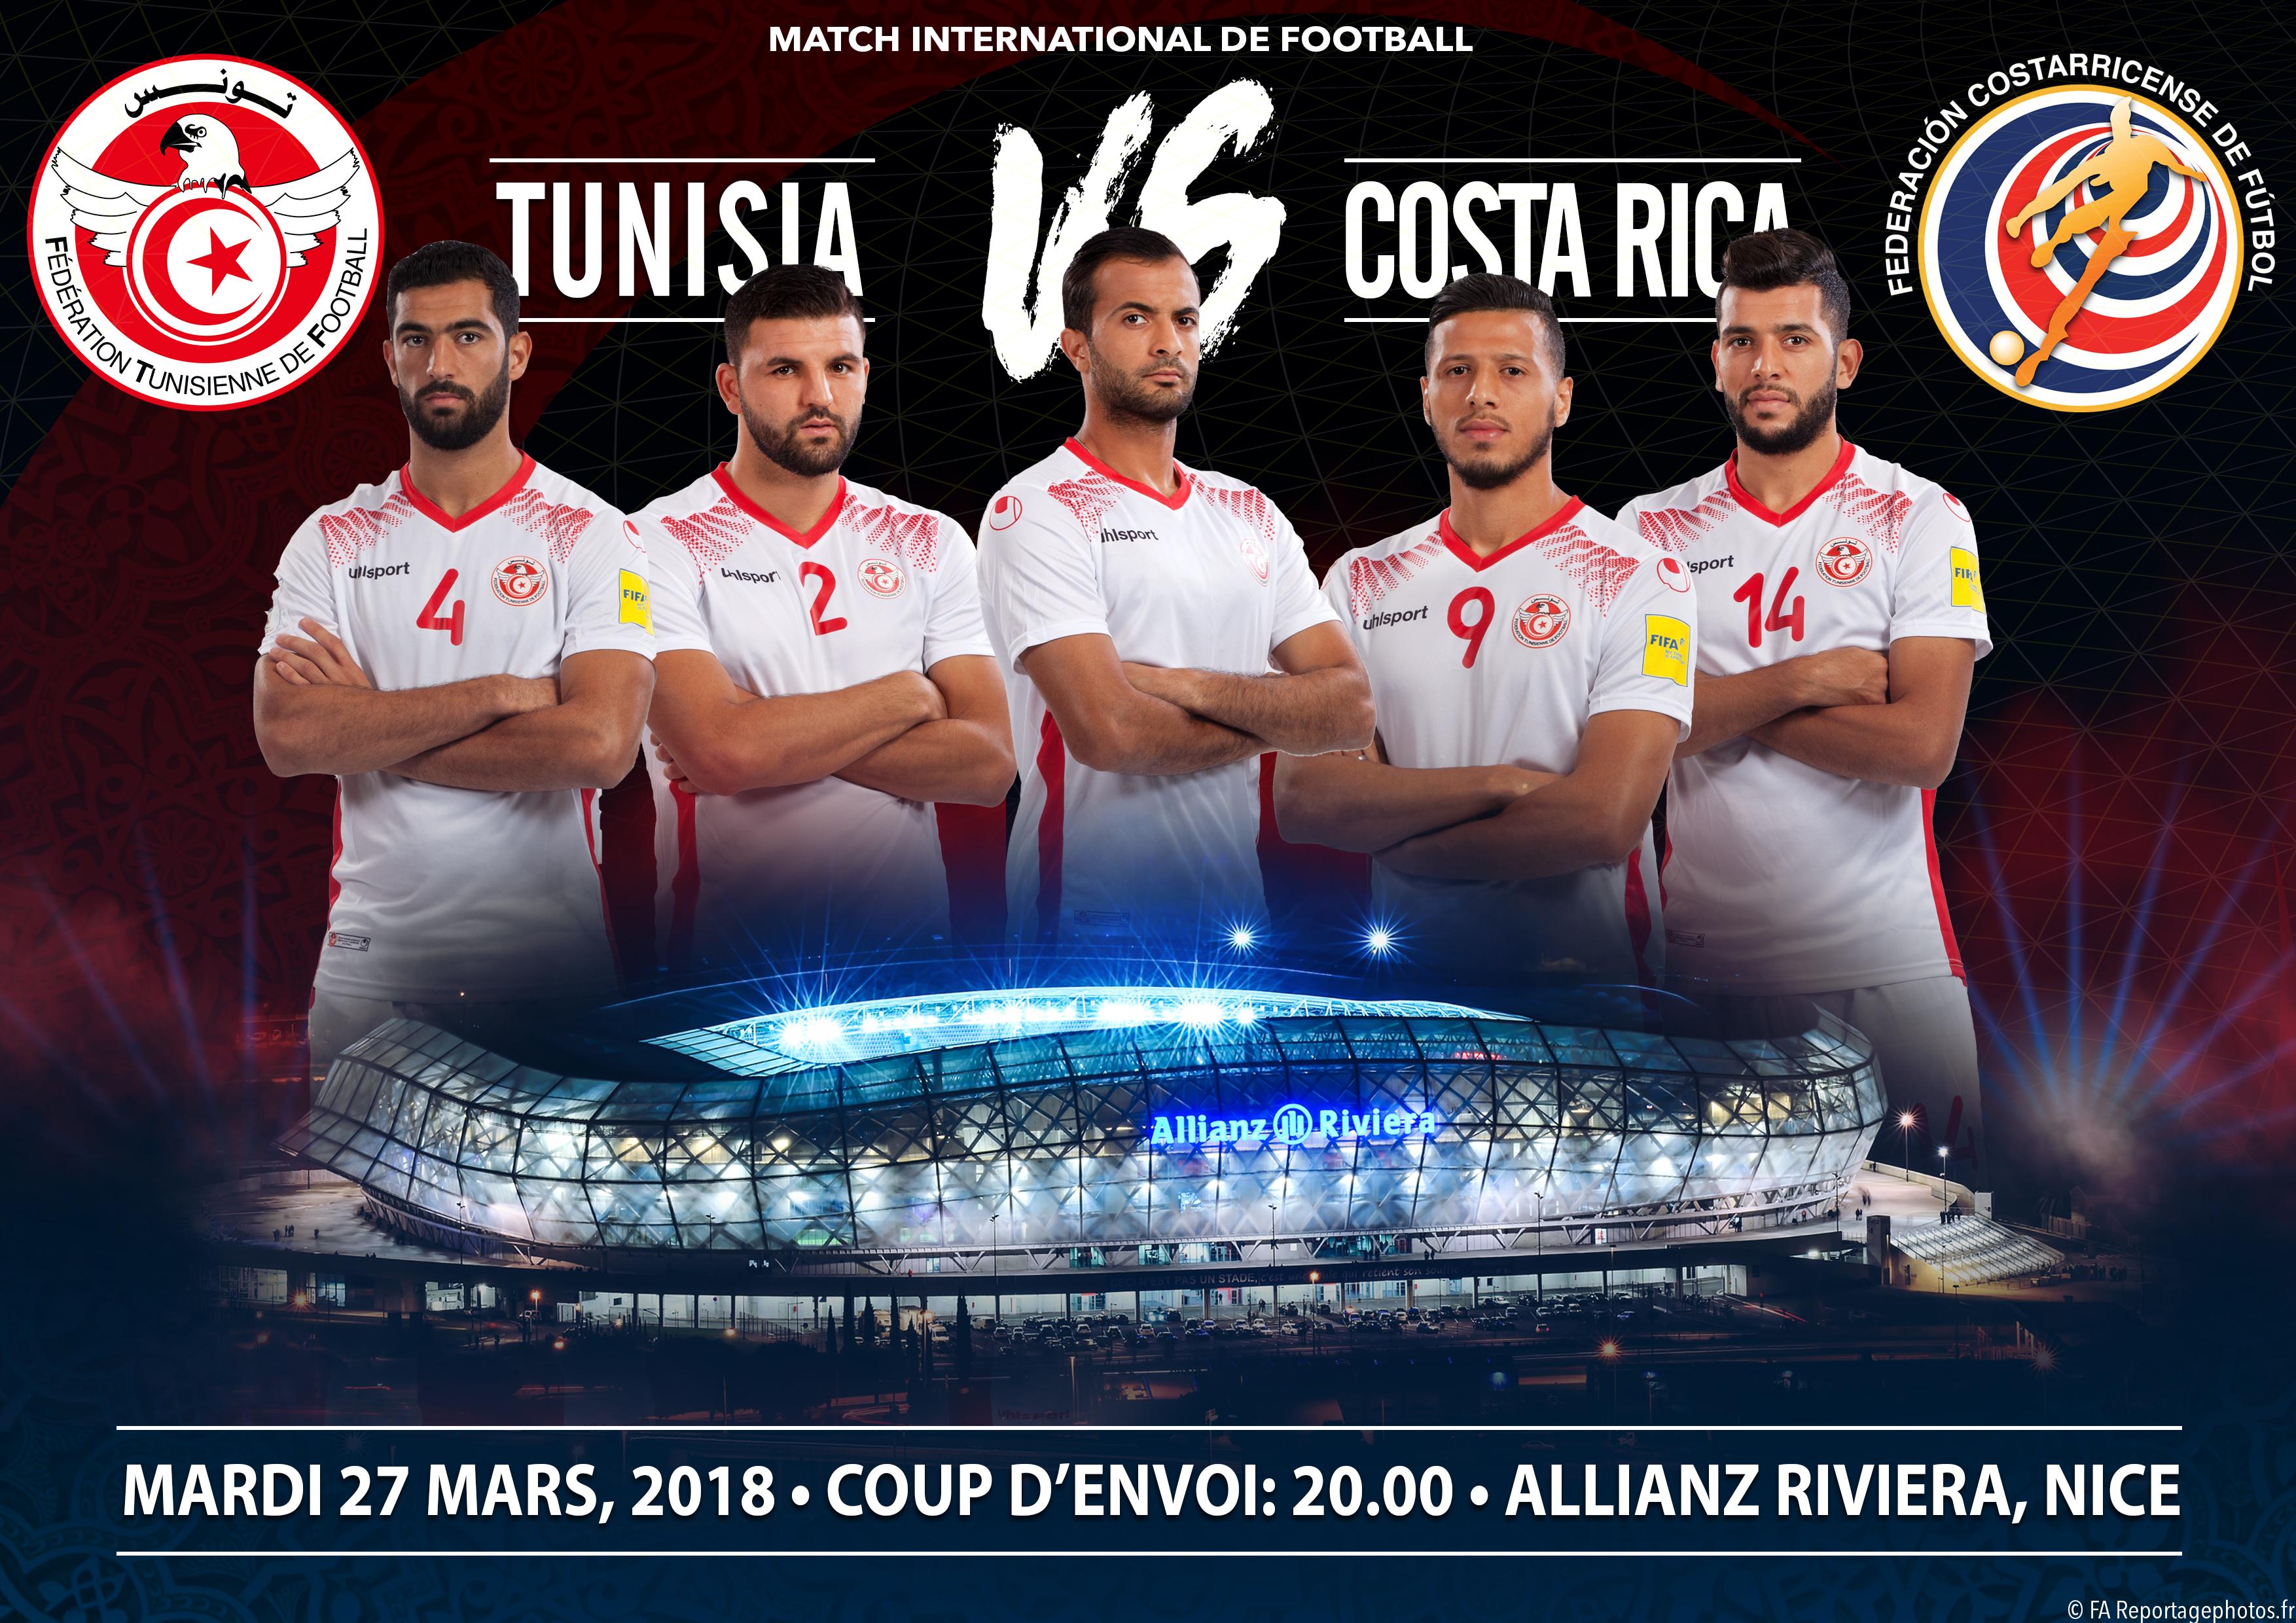 Match amical Tunisie Costa Rica à Nice en France, détails de la vente des billets, selon la FTF